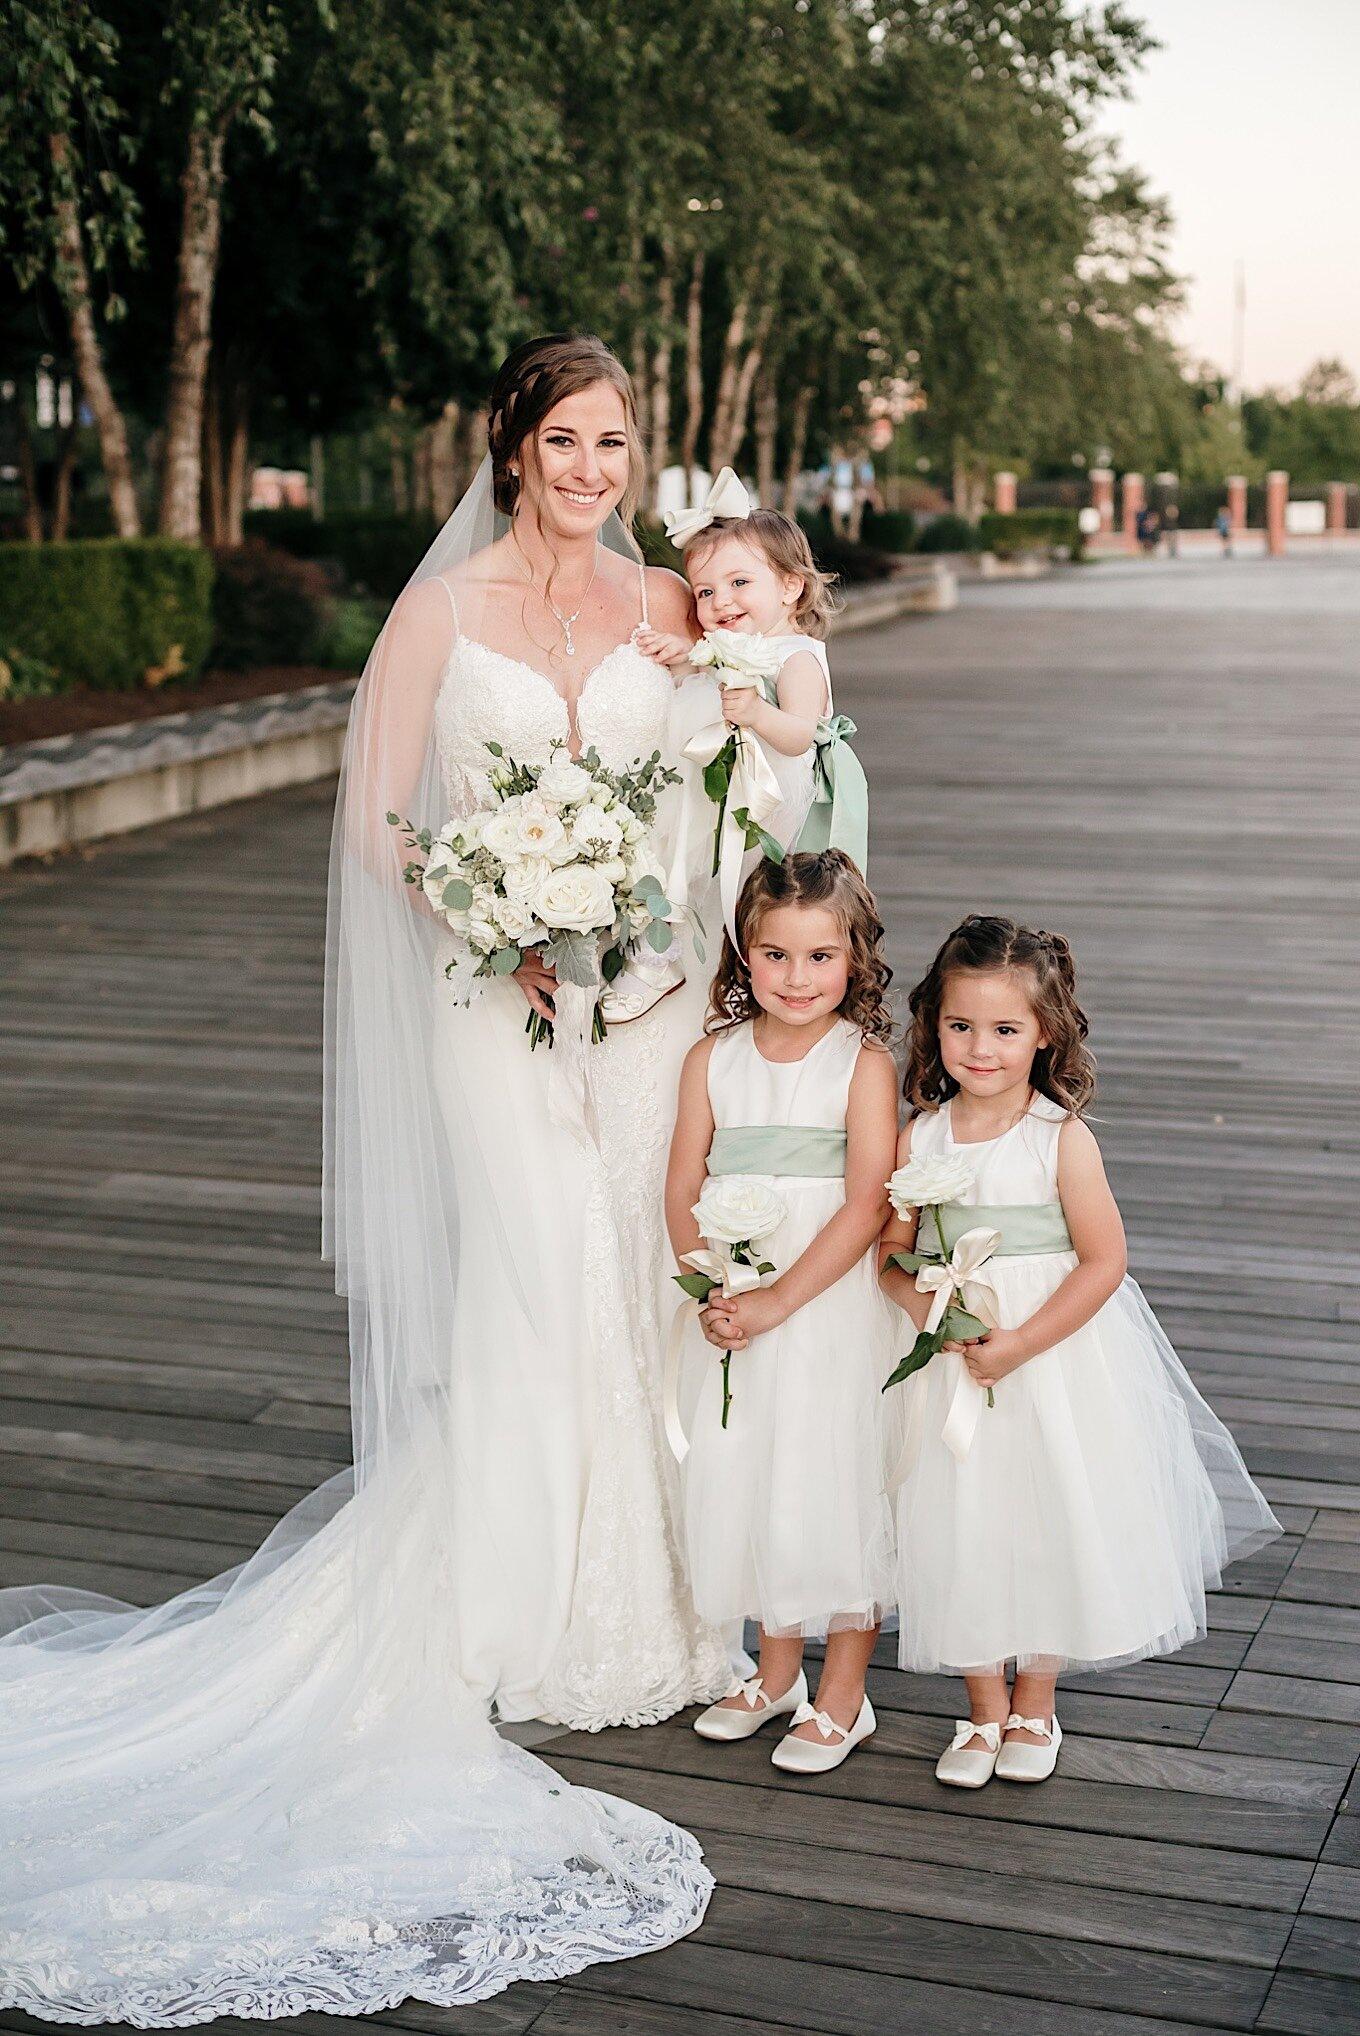 24_schutt-wedding-sneakpeek-31.jpg